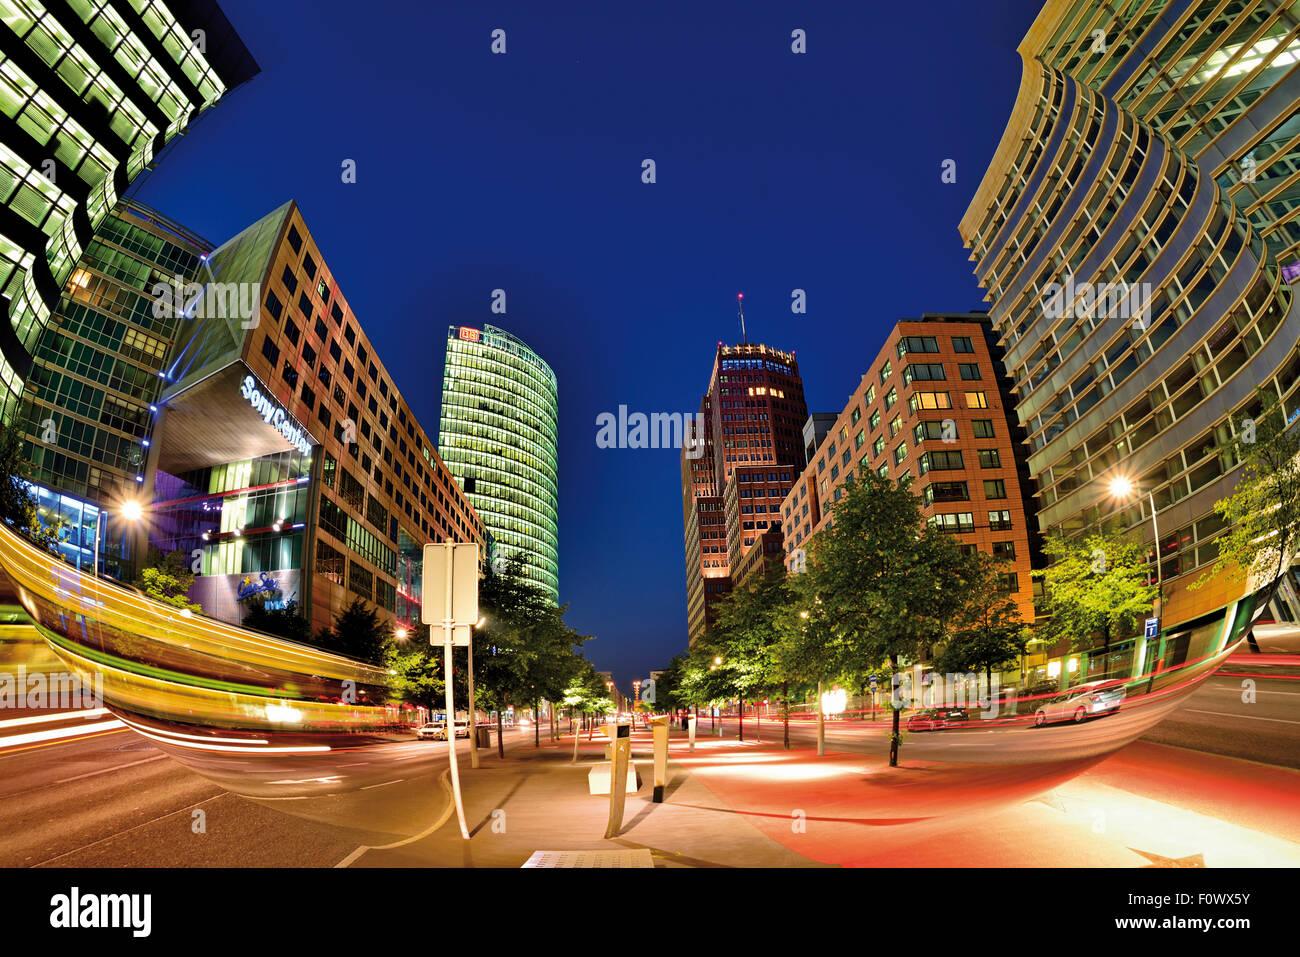 Allemagne, Berlin: l'architecture contemporaine à la Potsdamer Platz par nuit Photo Stock